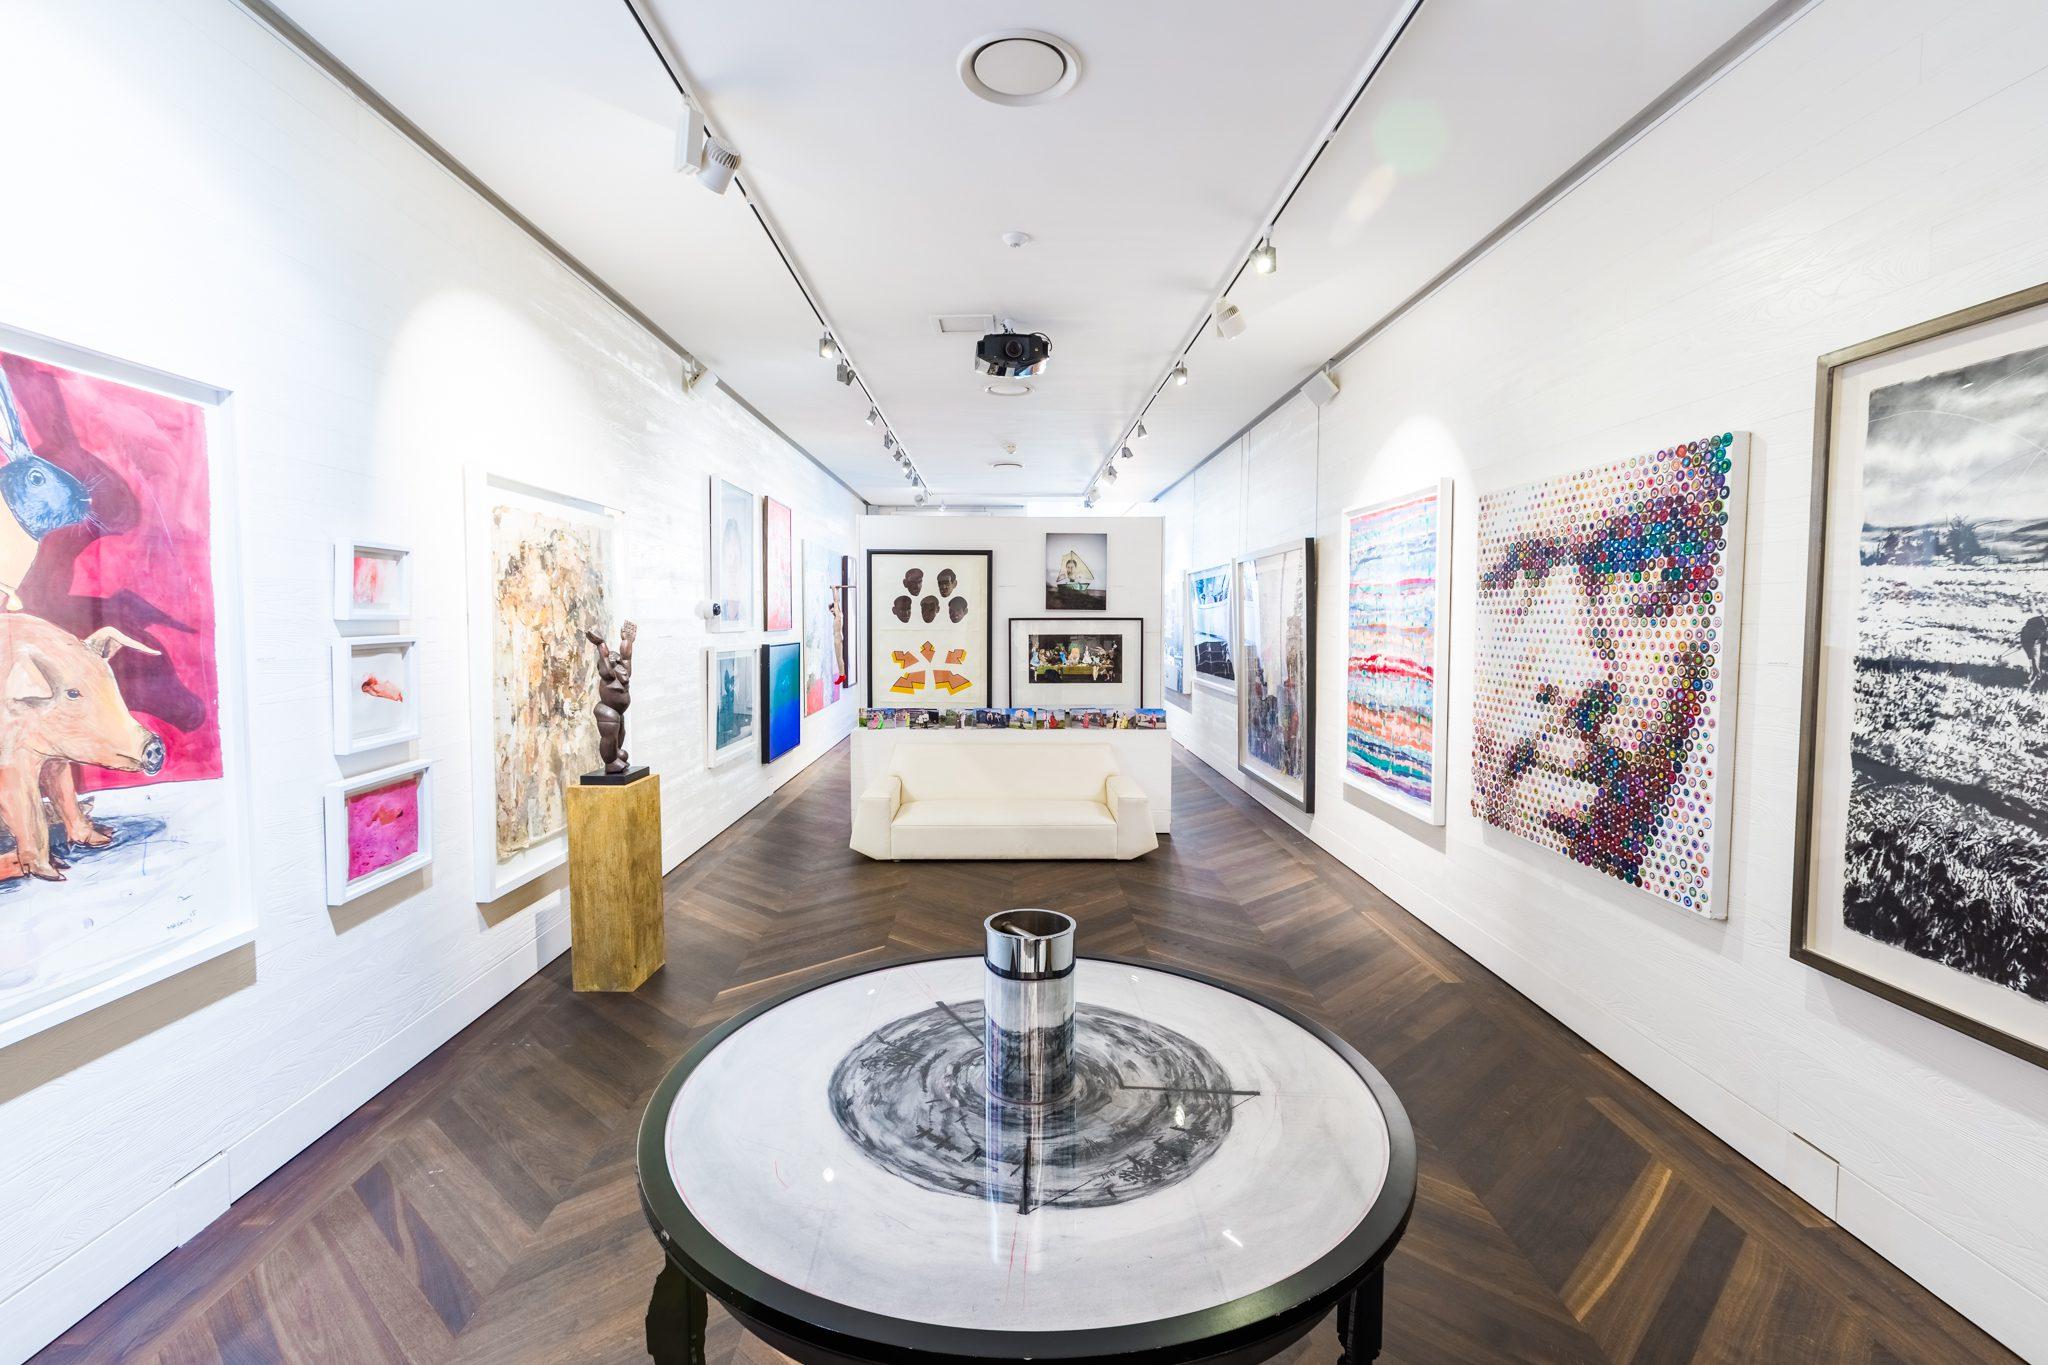 Ellerman art gallery